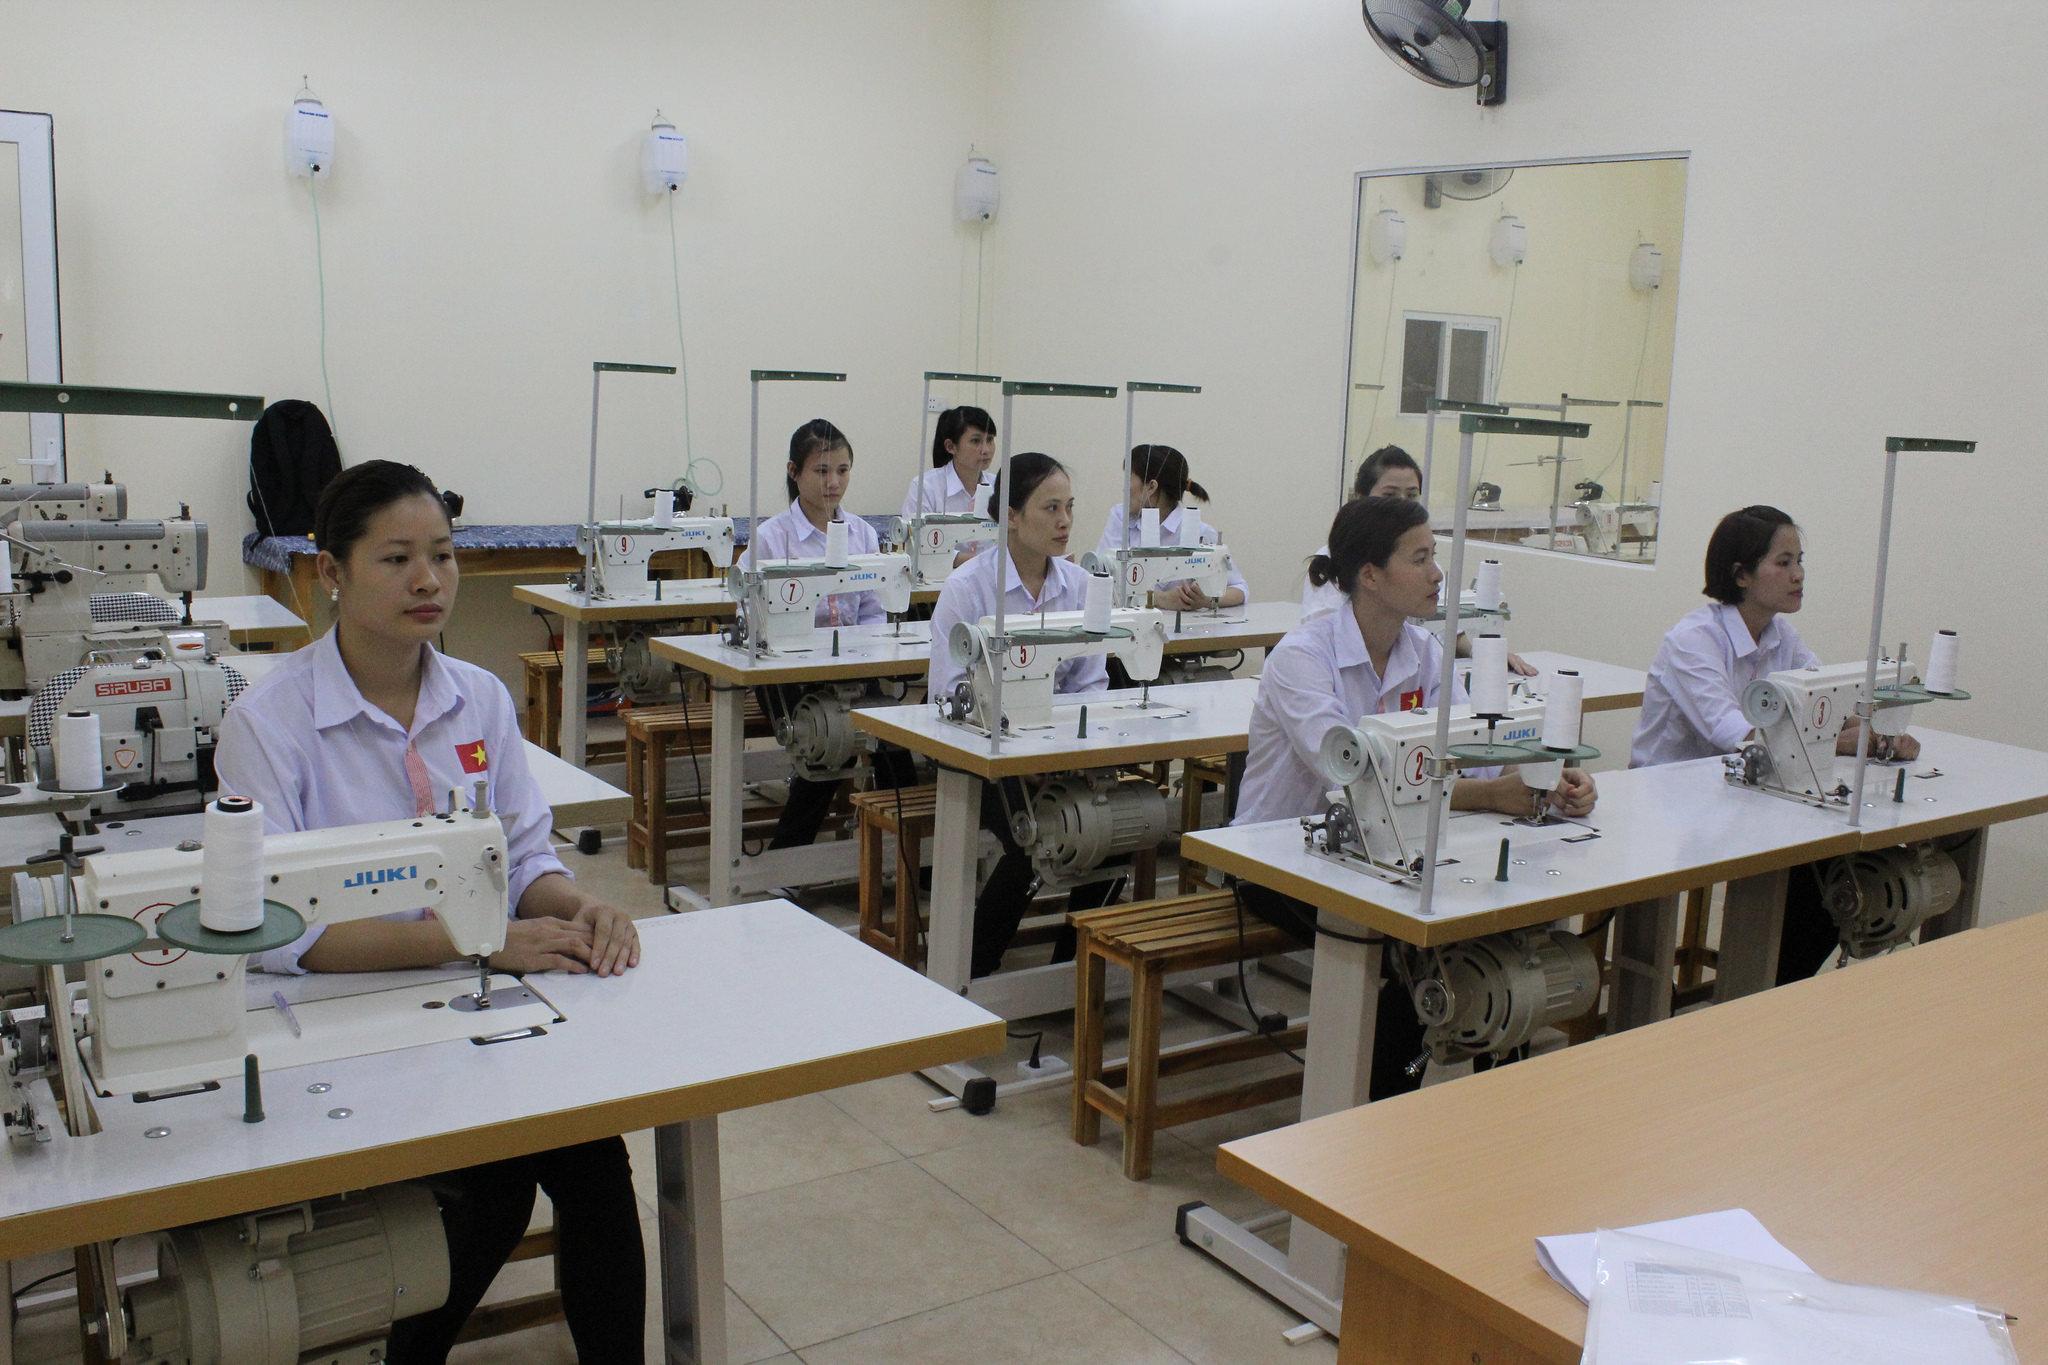 Các bạn tu nghiệp sinh trong xưởng may công nghiệp ở Nhật.